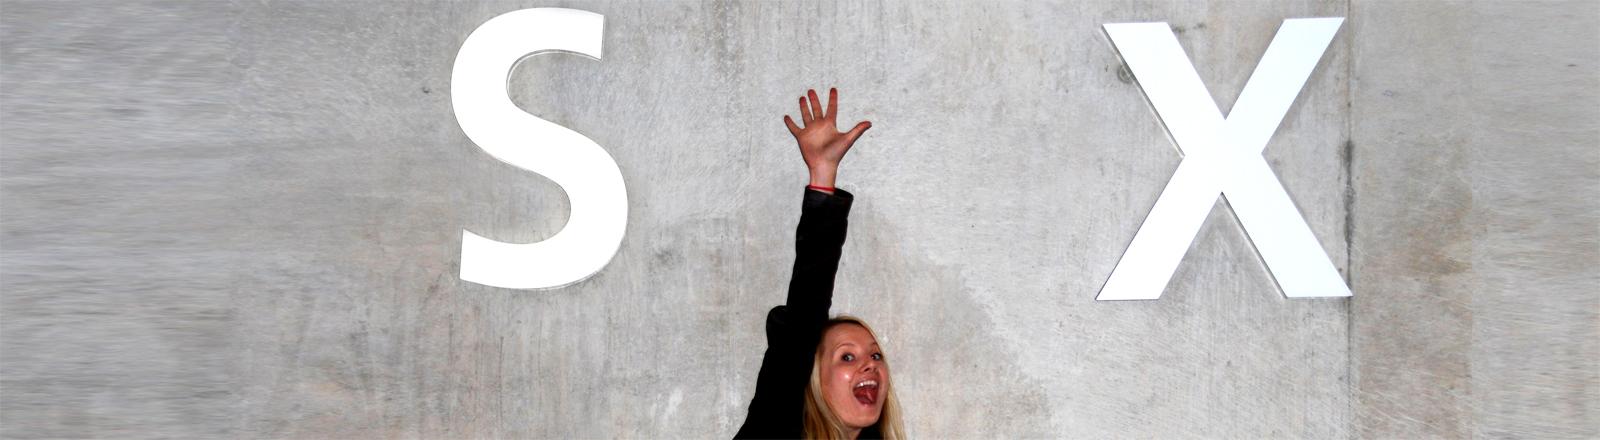 Eine junge Frau hebt die Hand vor den Buchstaben S und X.